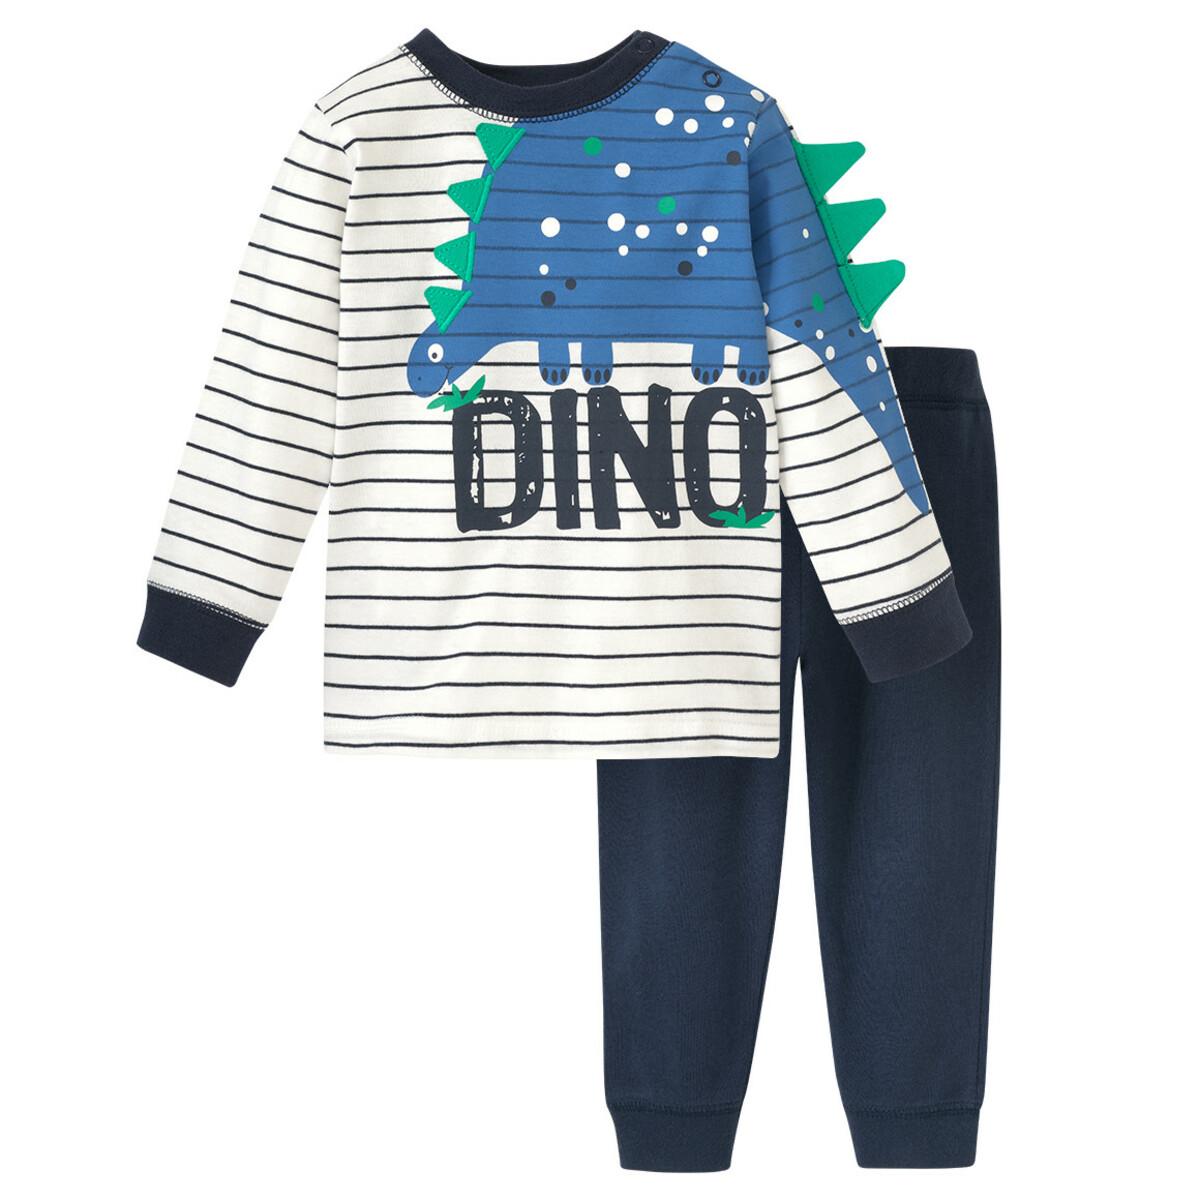 Bild 1 von Baby Schlafanzug mit Dino-Motiv